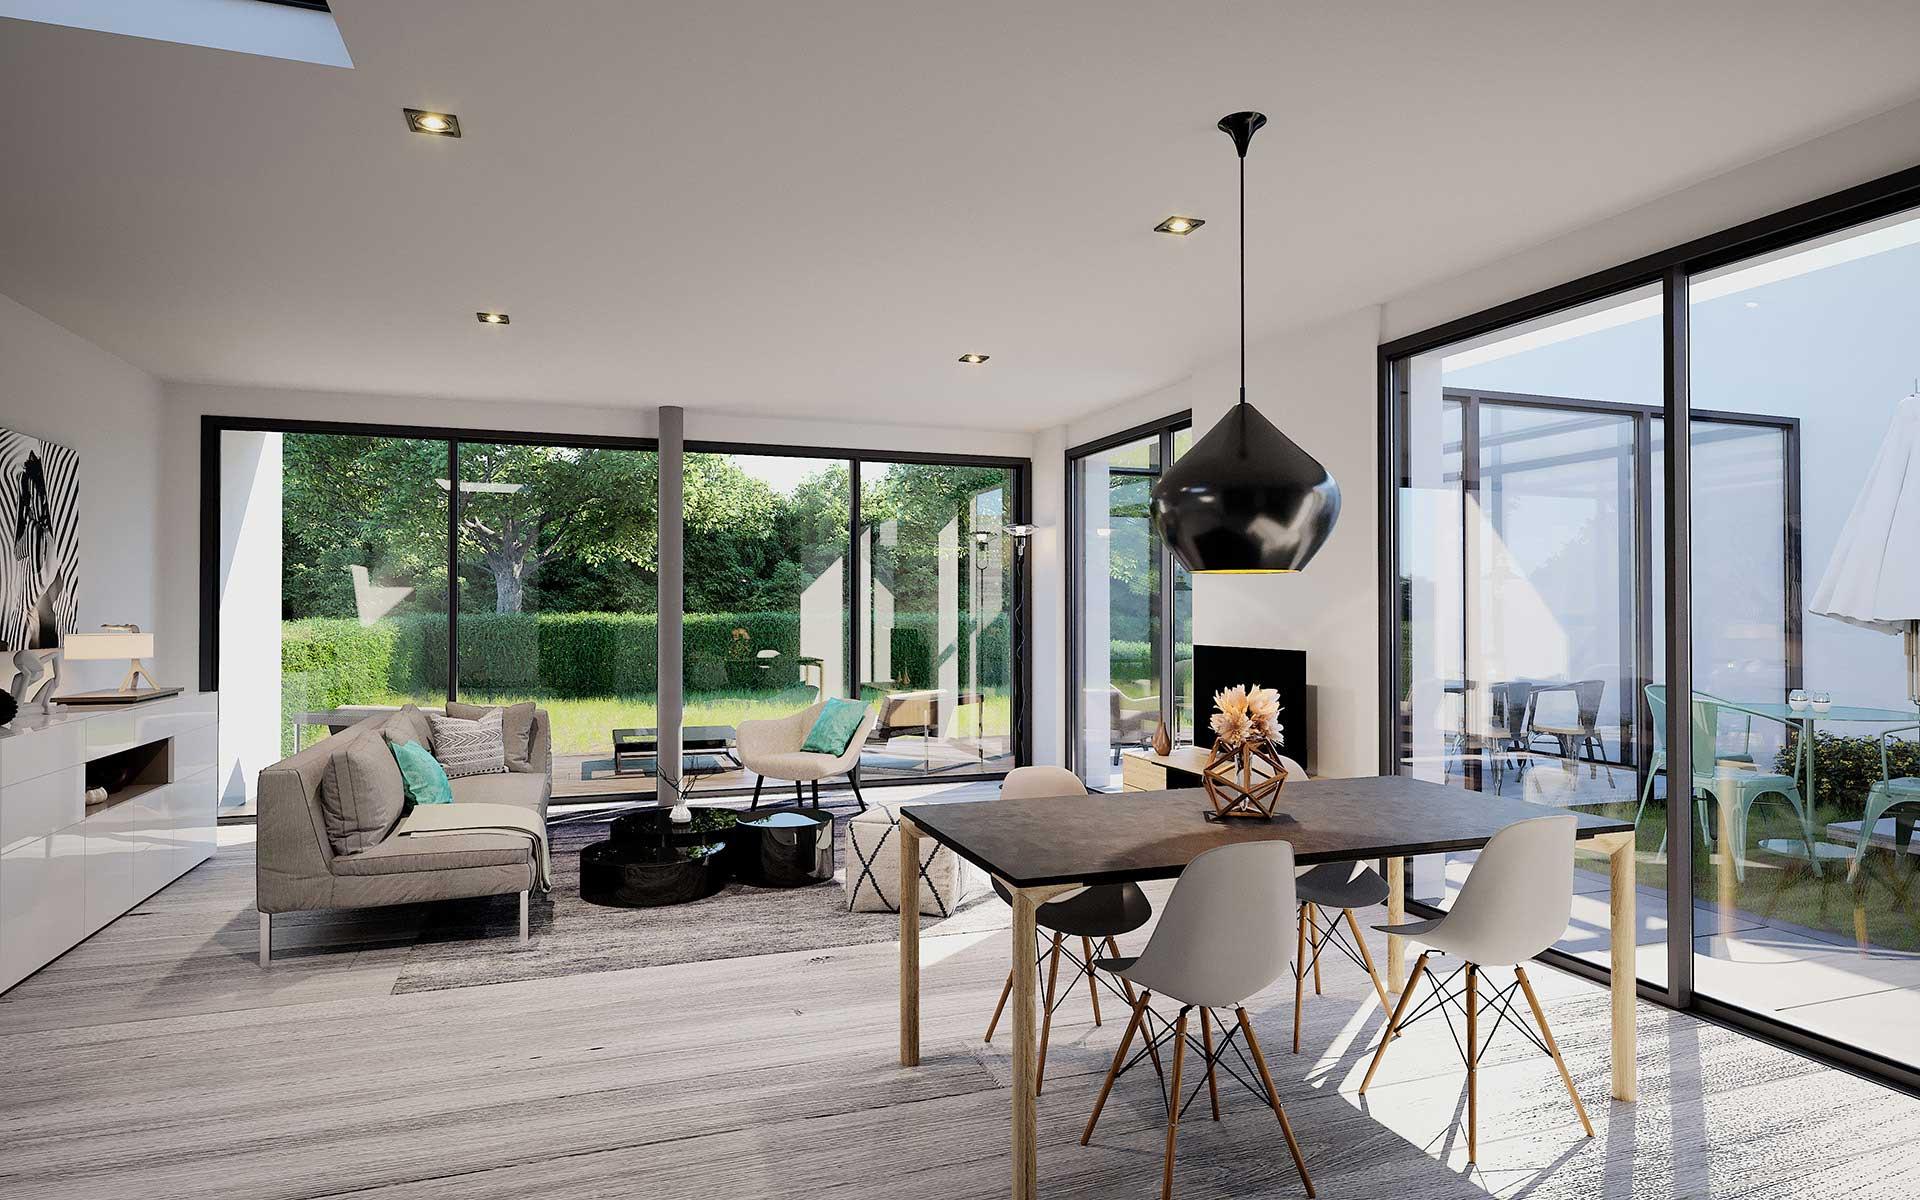 Salon 3D d'une villa de luxe. Image réalisée par l'agence Valentin Studio 3D.